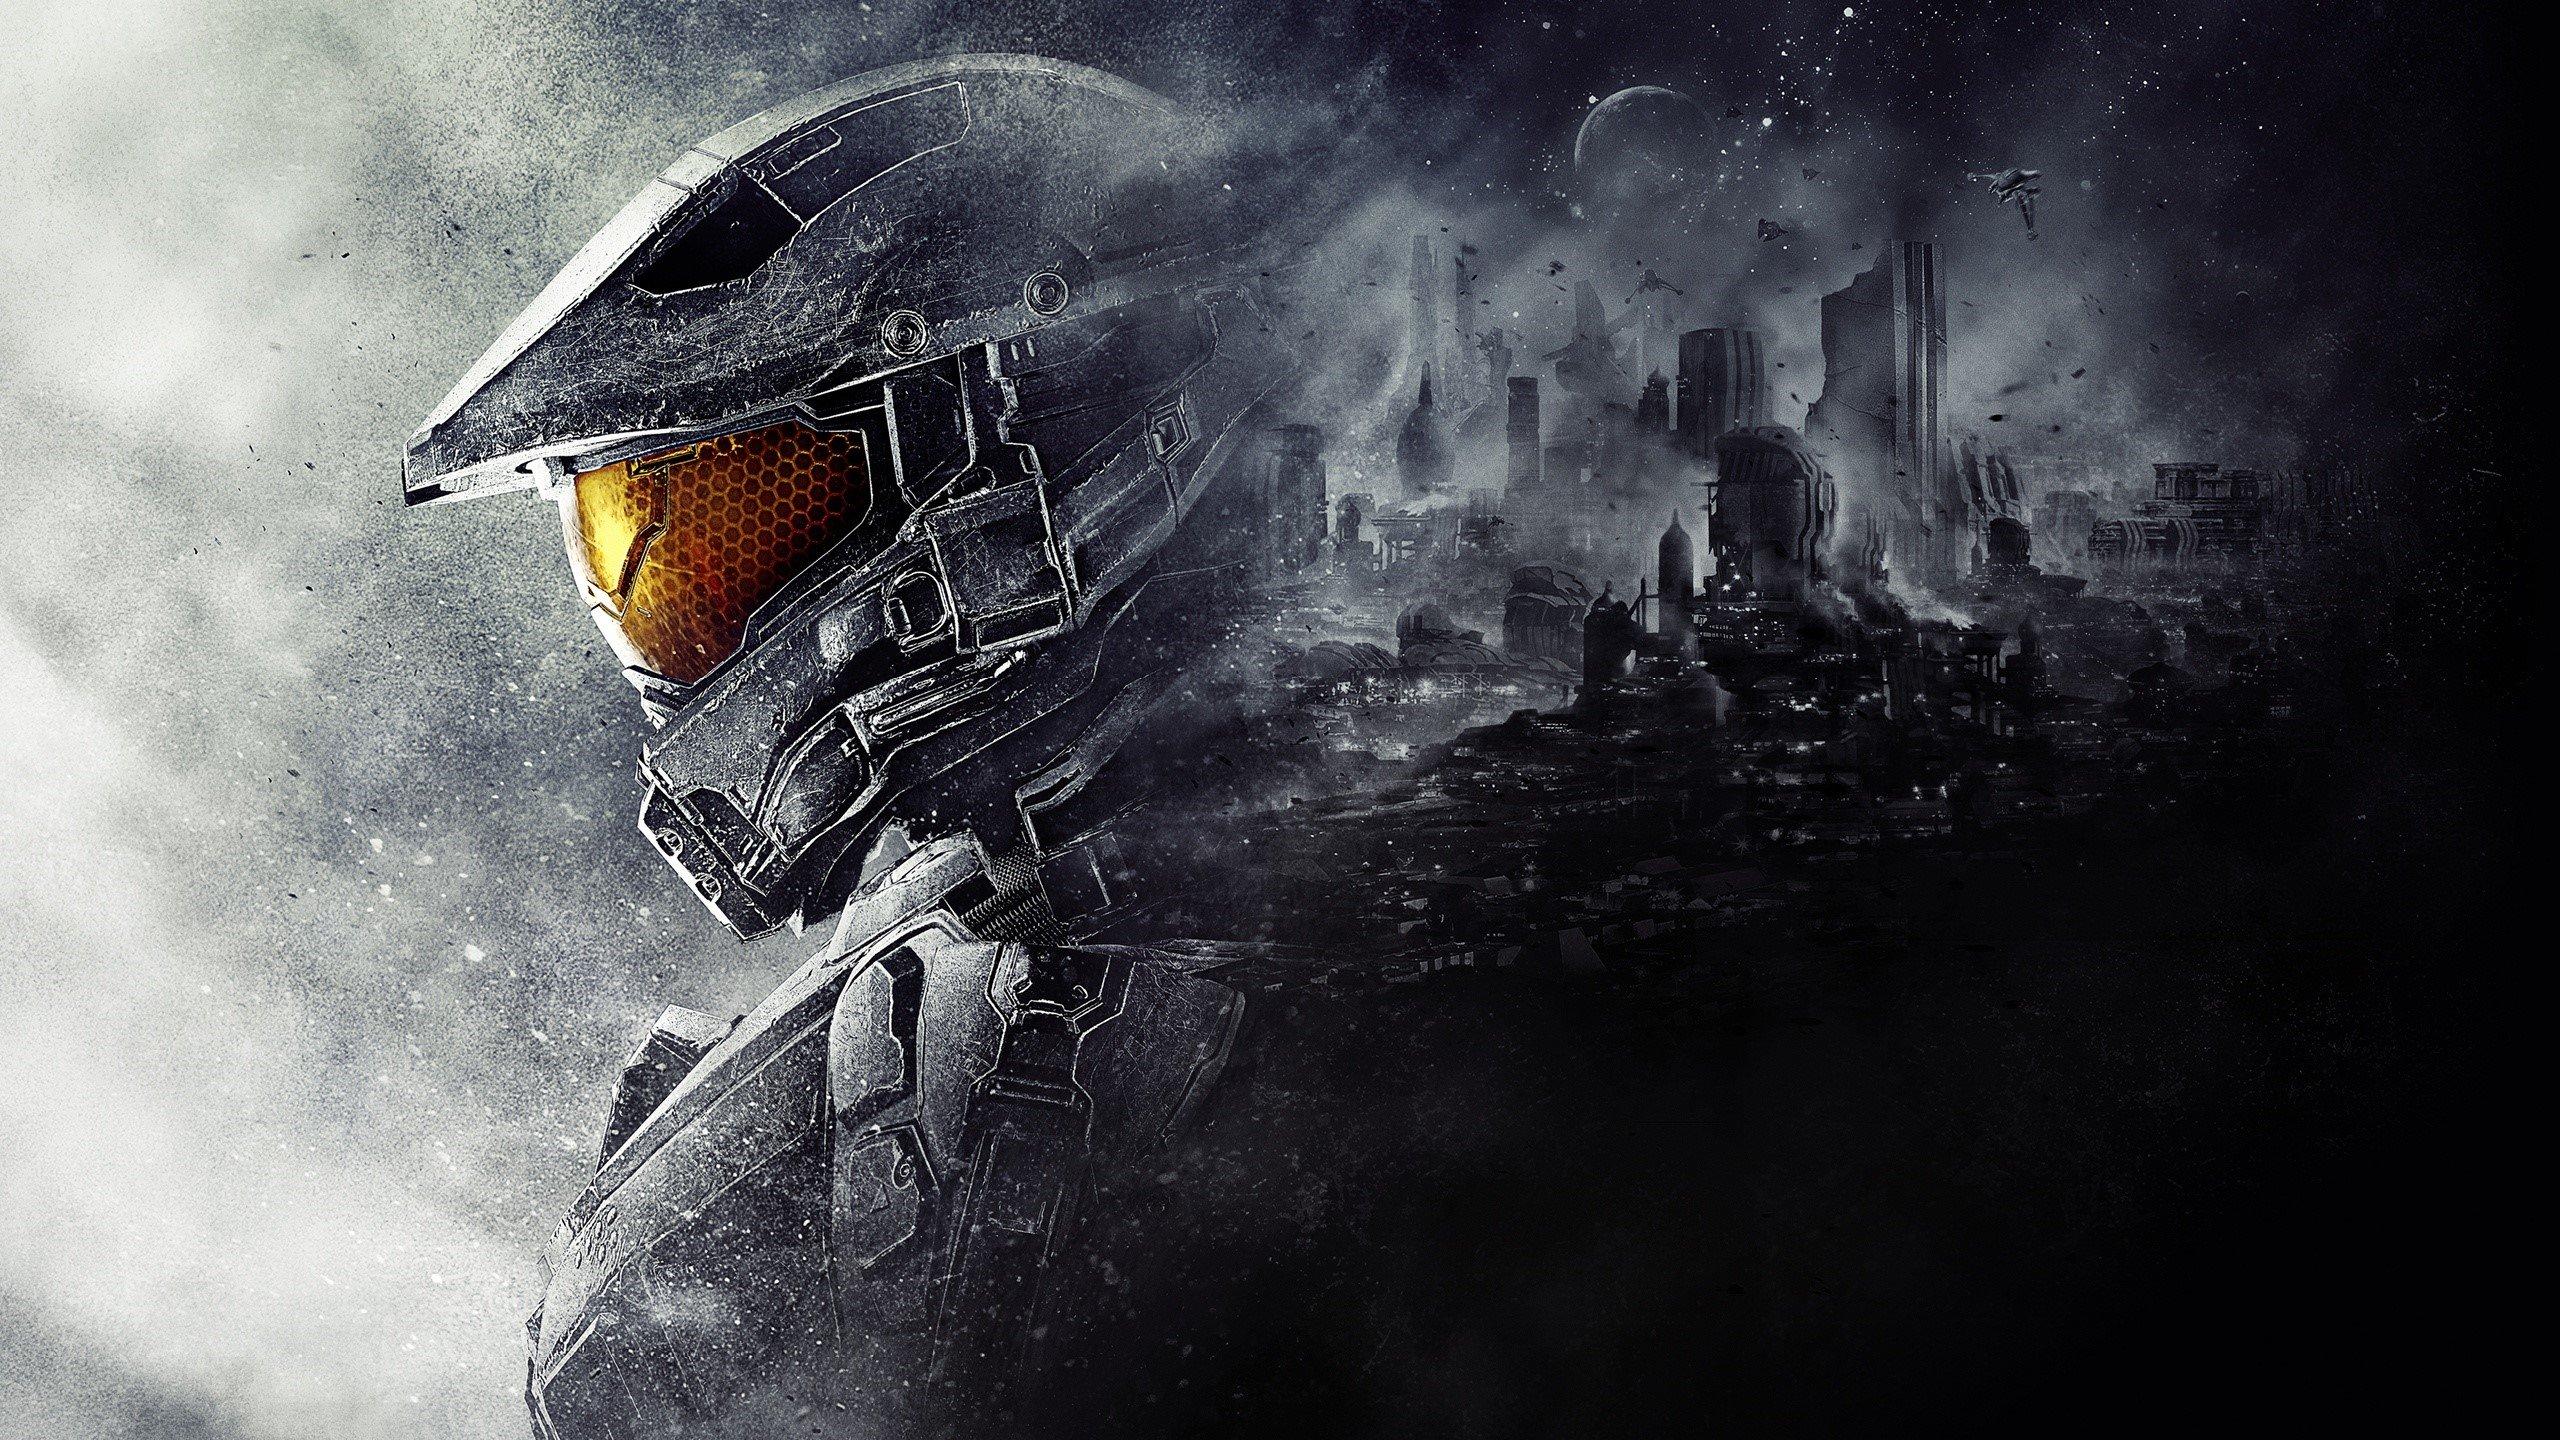 Fondo de pantalla de Master Chief en Halo 5 Guardians Imágenes